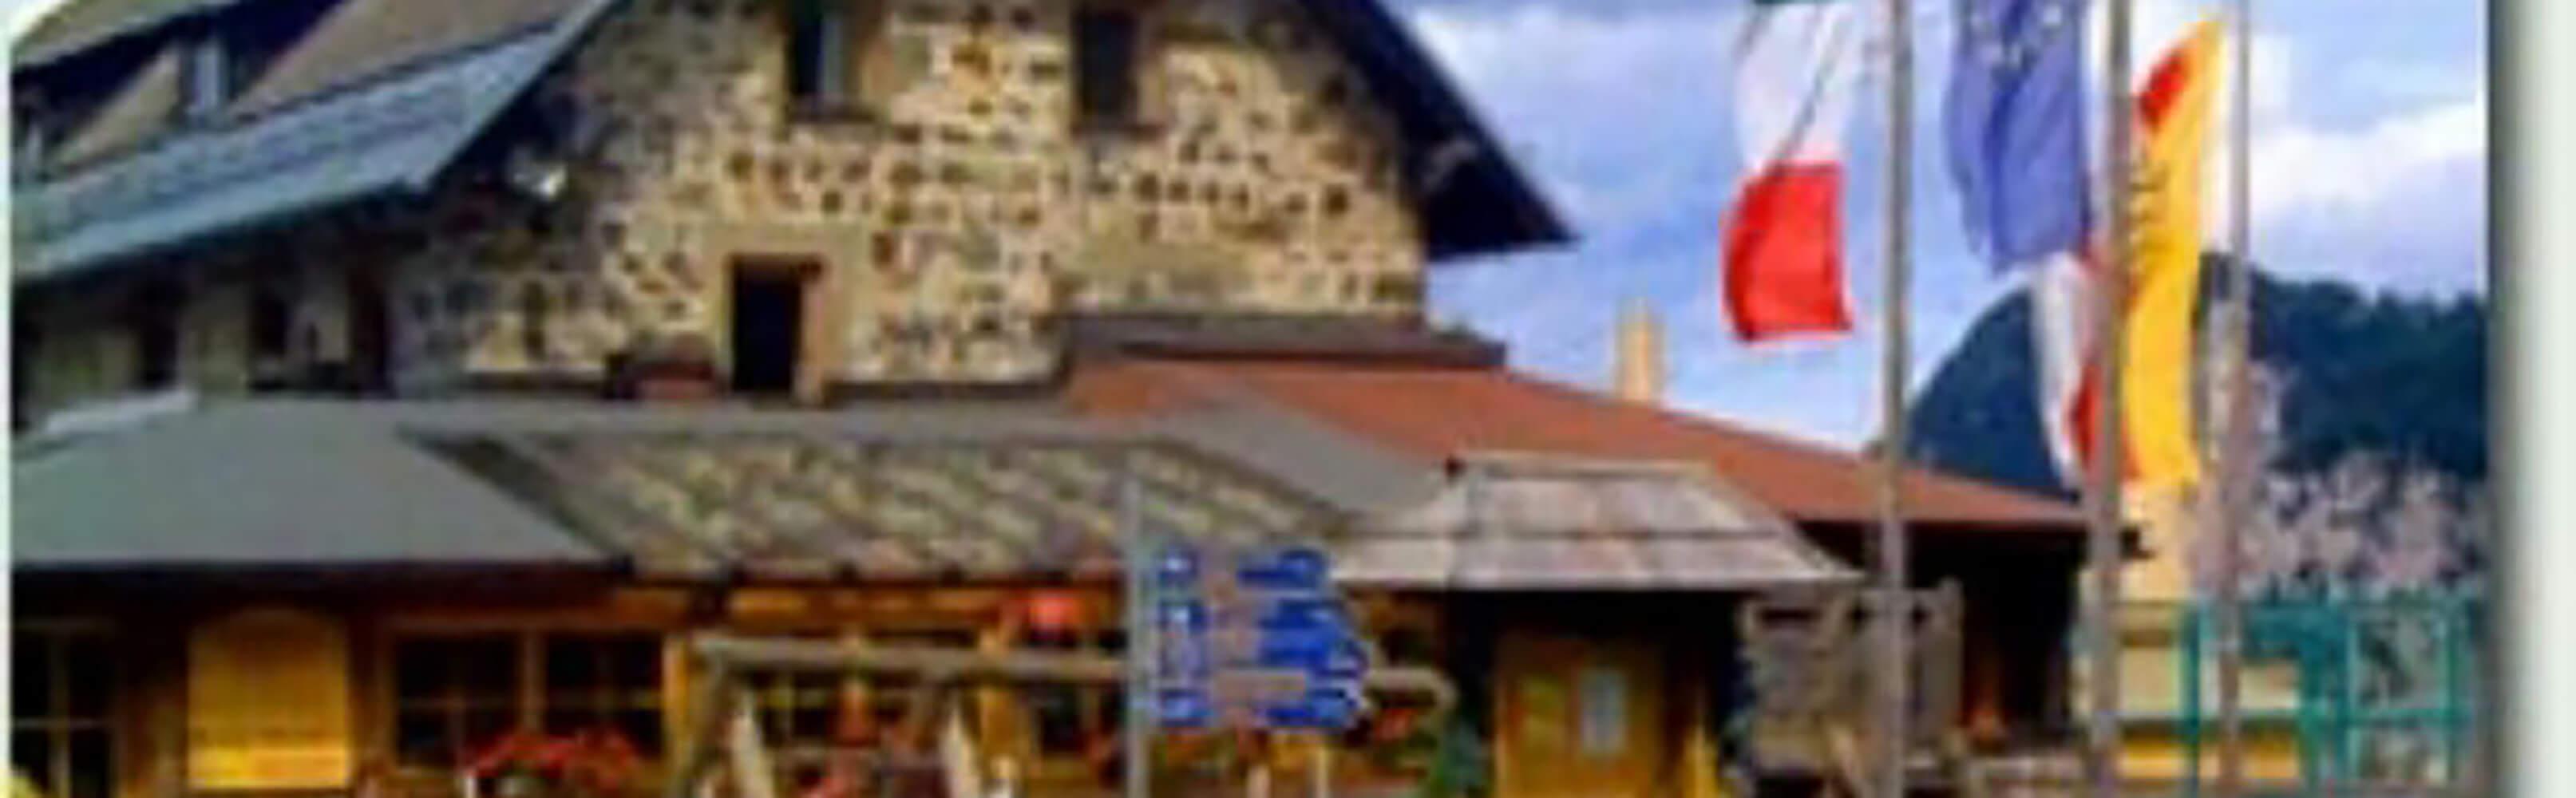 Tressdorfer Alm Schihütte, Schaukäserei, Almgasthaus 1